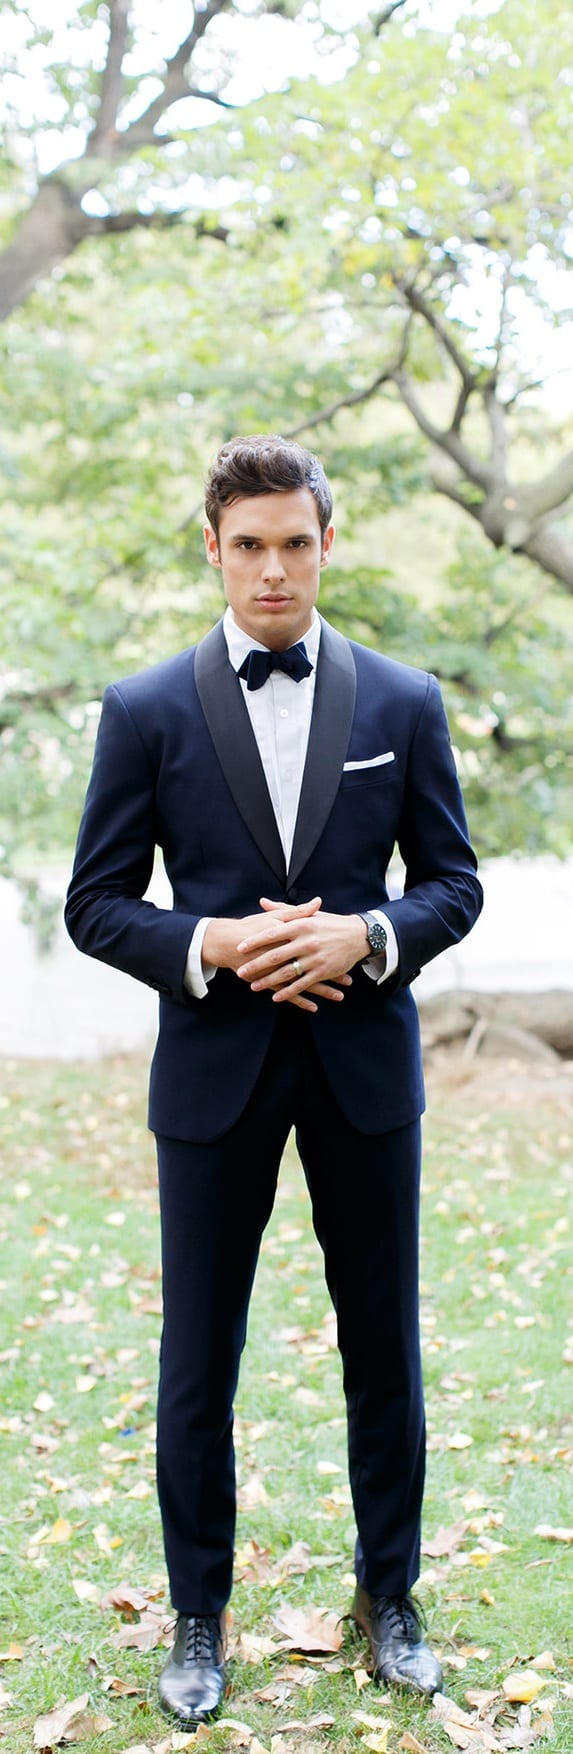 Tuxedo Every Man Own Now